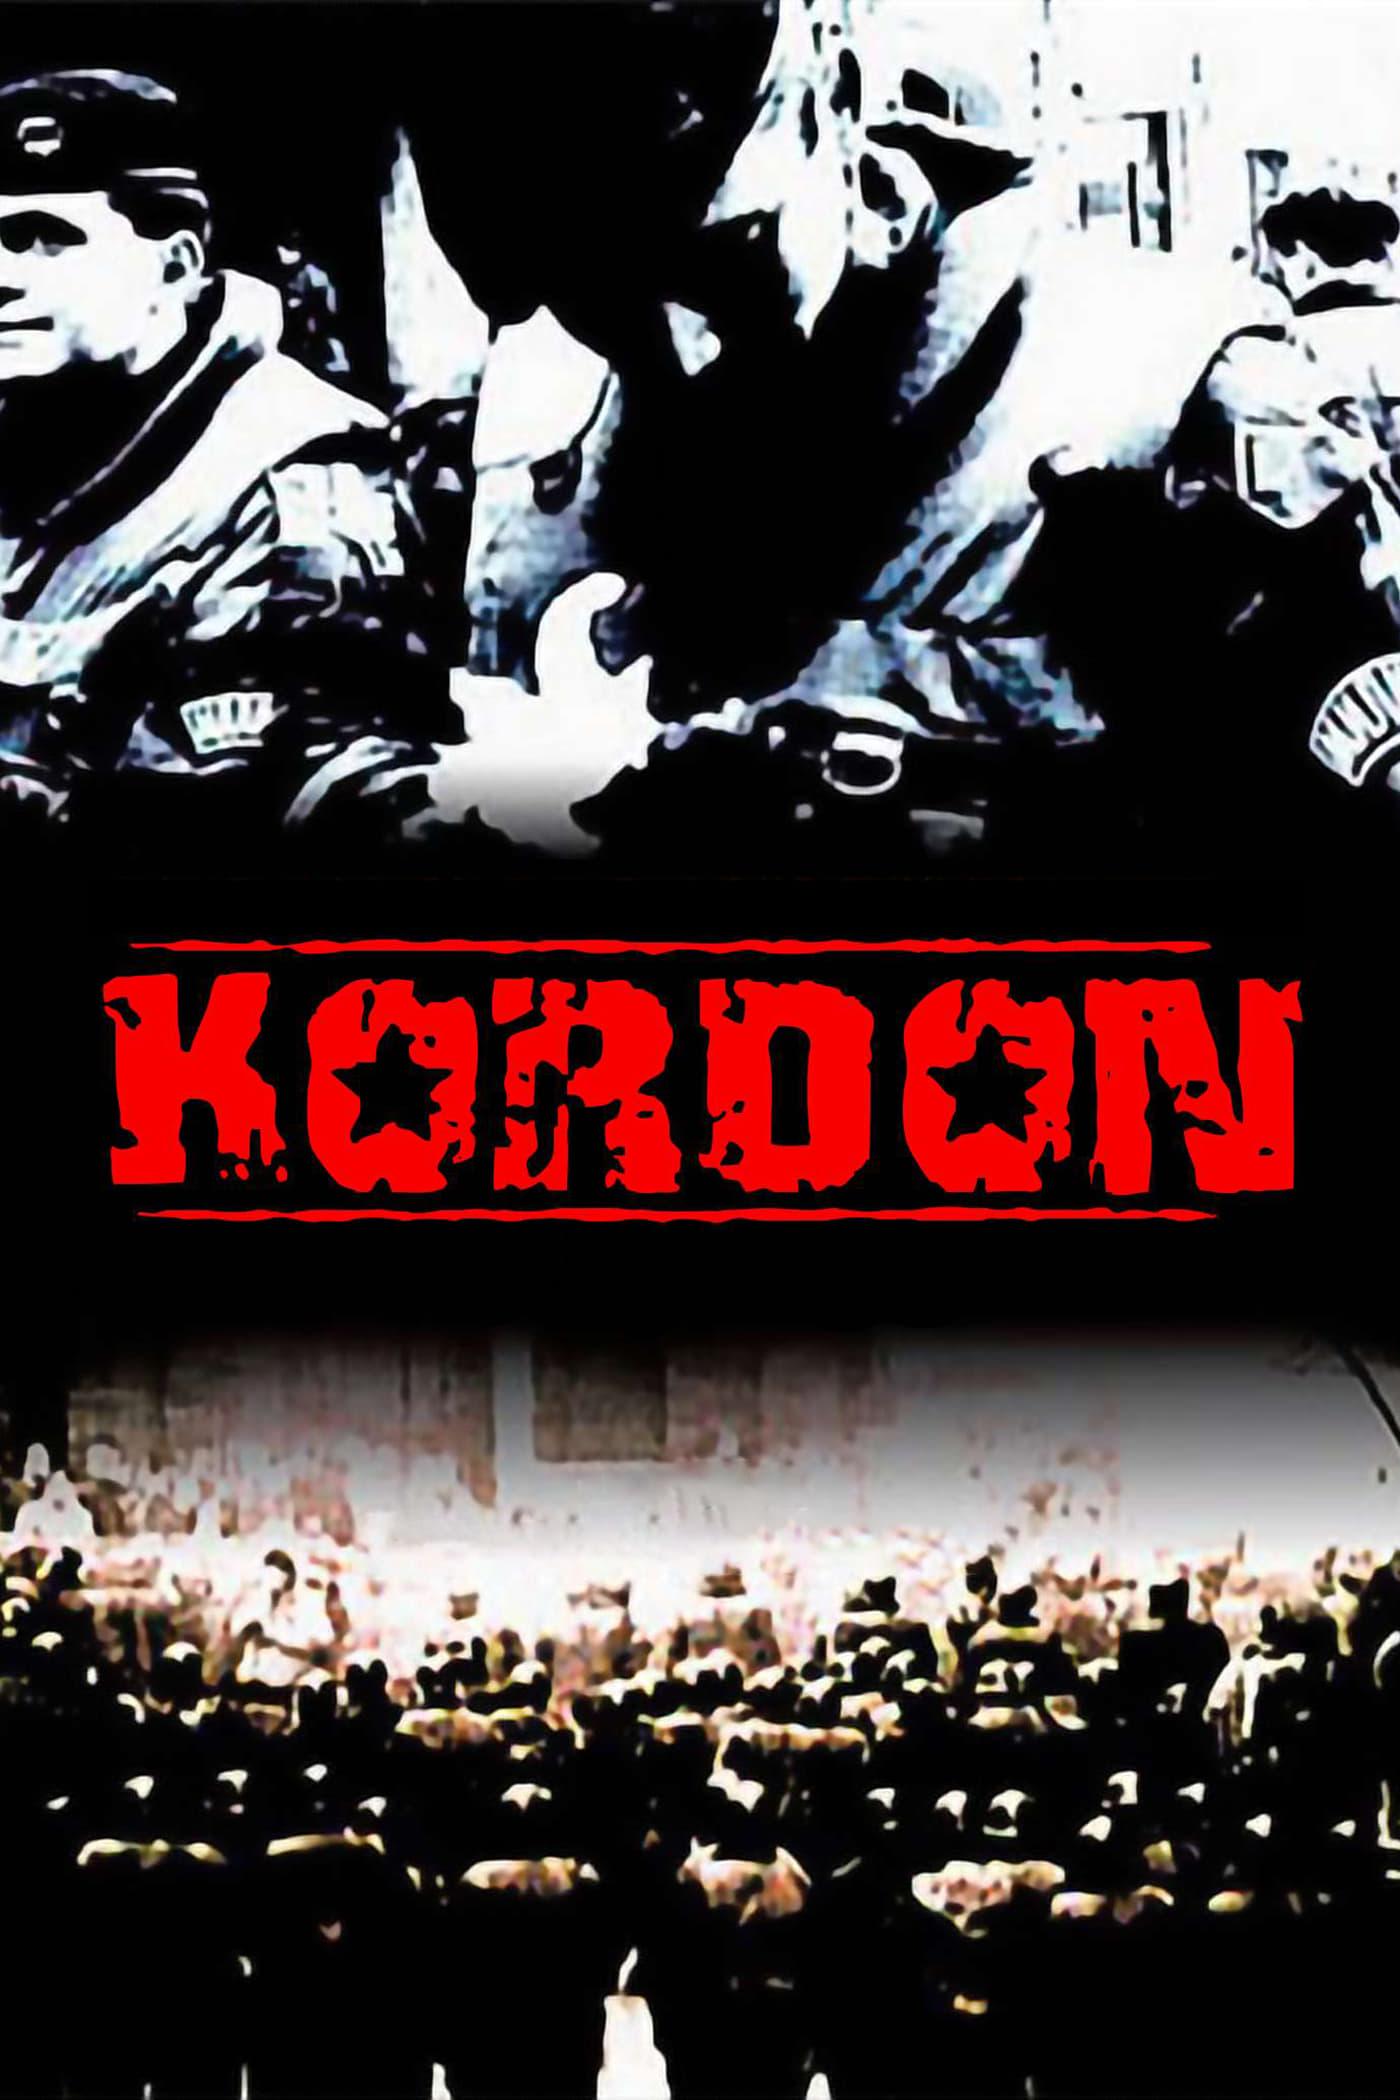 The Cordon